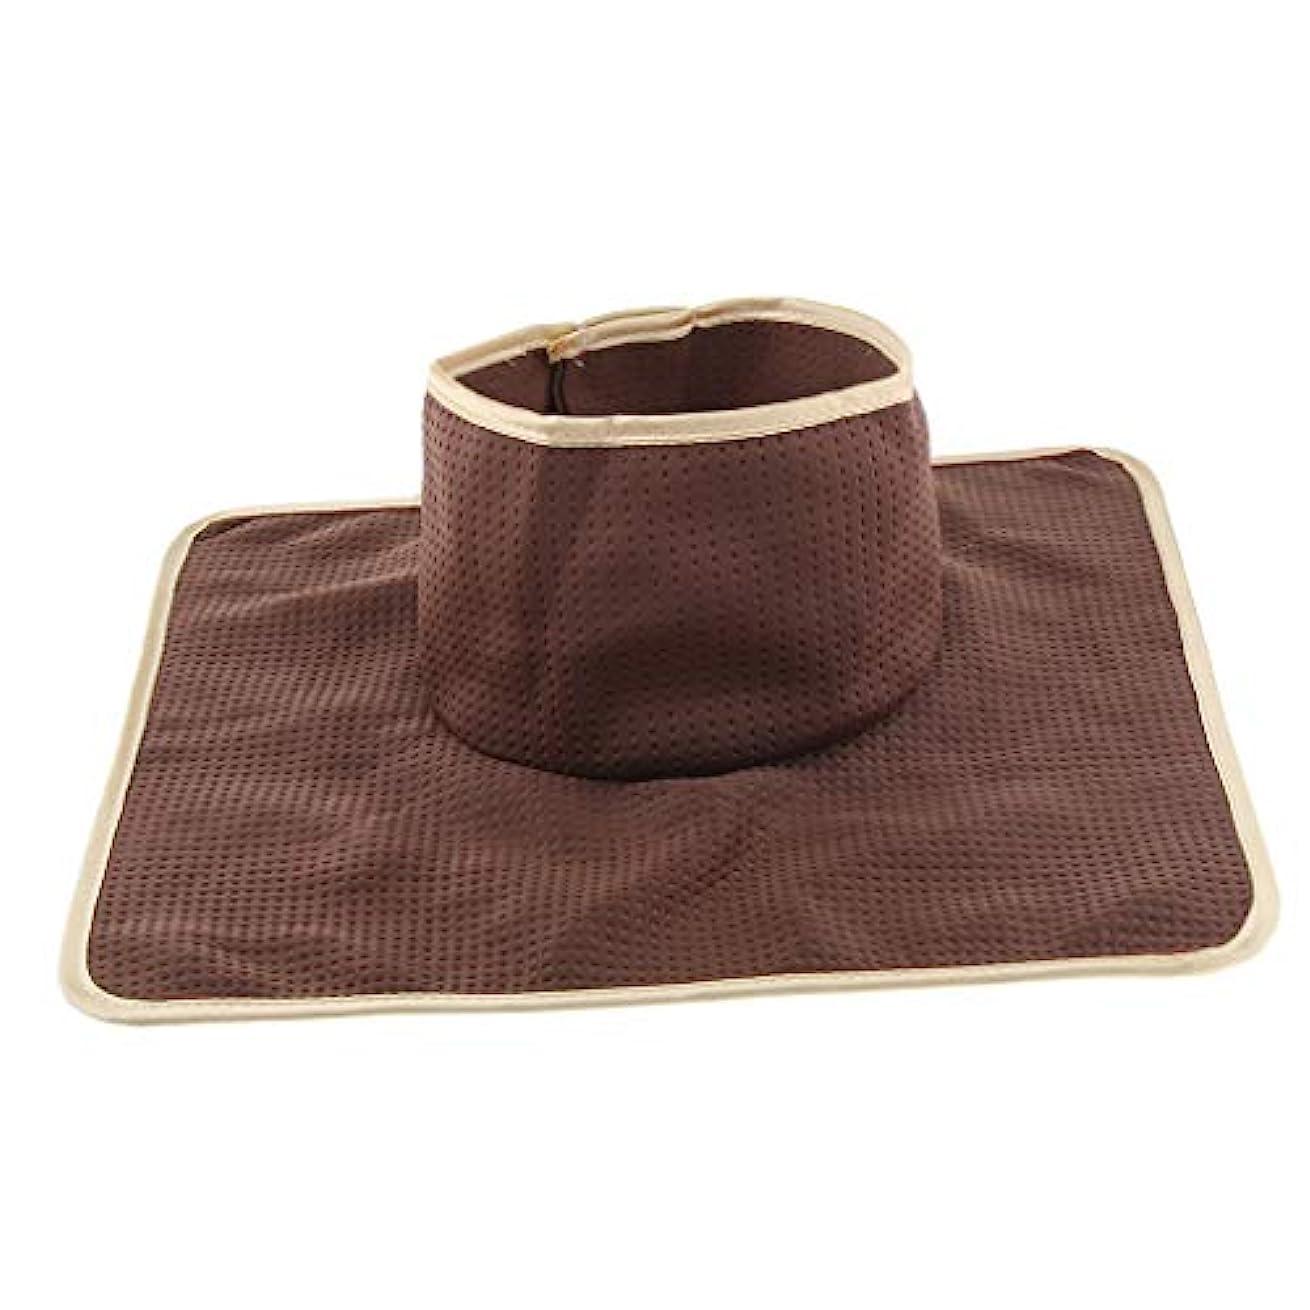 特権モンキー真似るFLAMEER マッサージベッド サロンテーブル シート パッド 頭の穴 洗濯可能 約35×35cm 全3色 - コーヒー